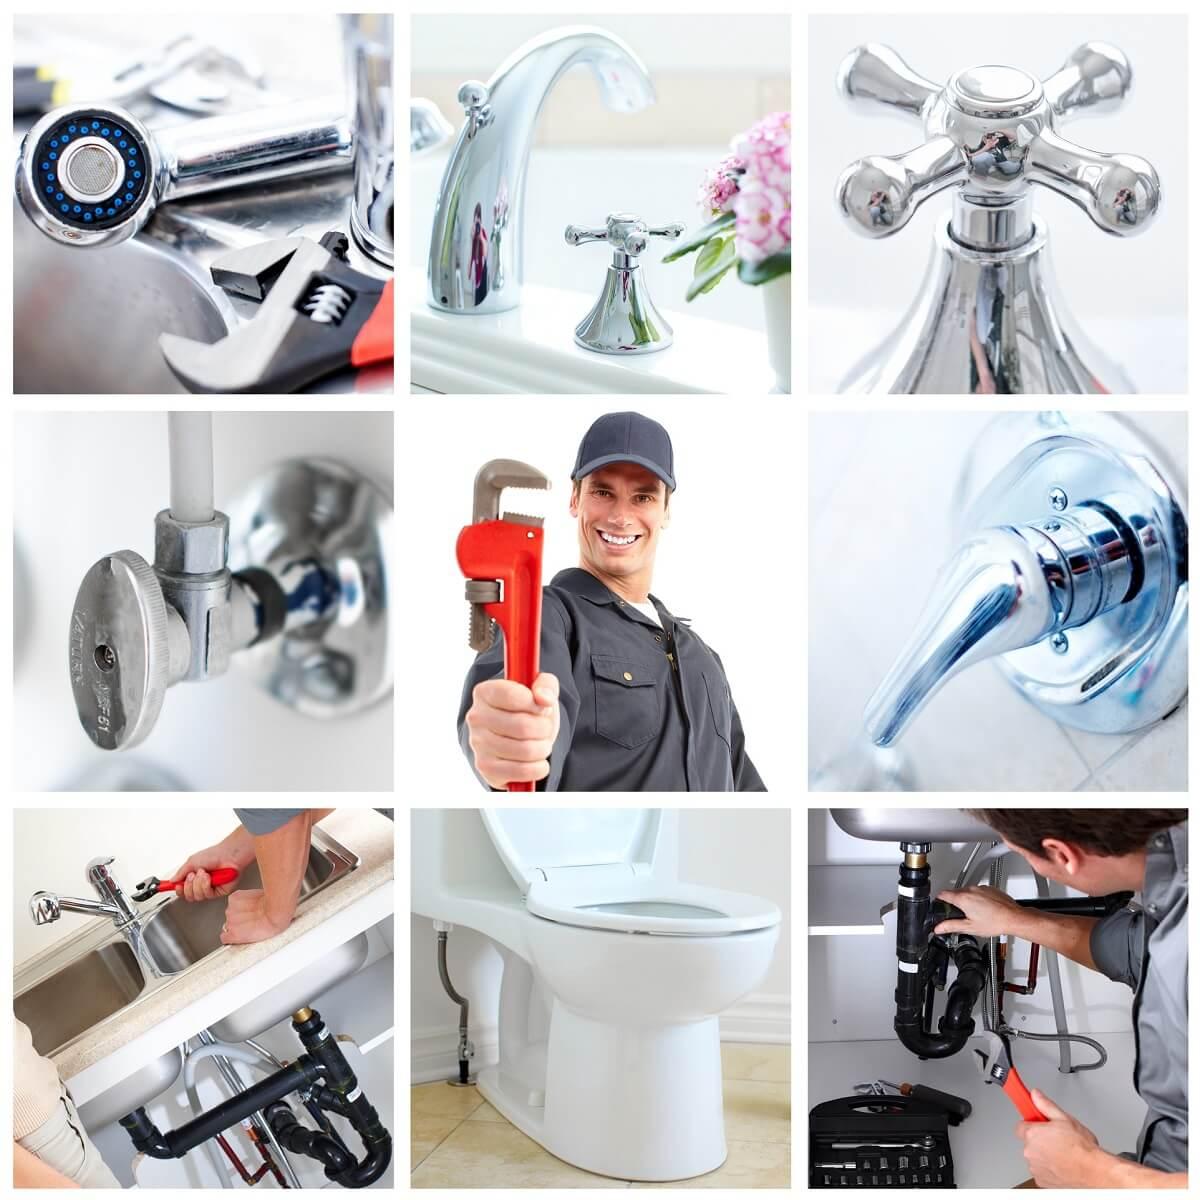 Instalacje sanitarne i ich rola w budynku